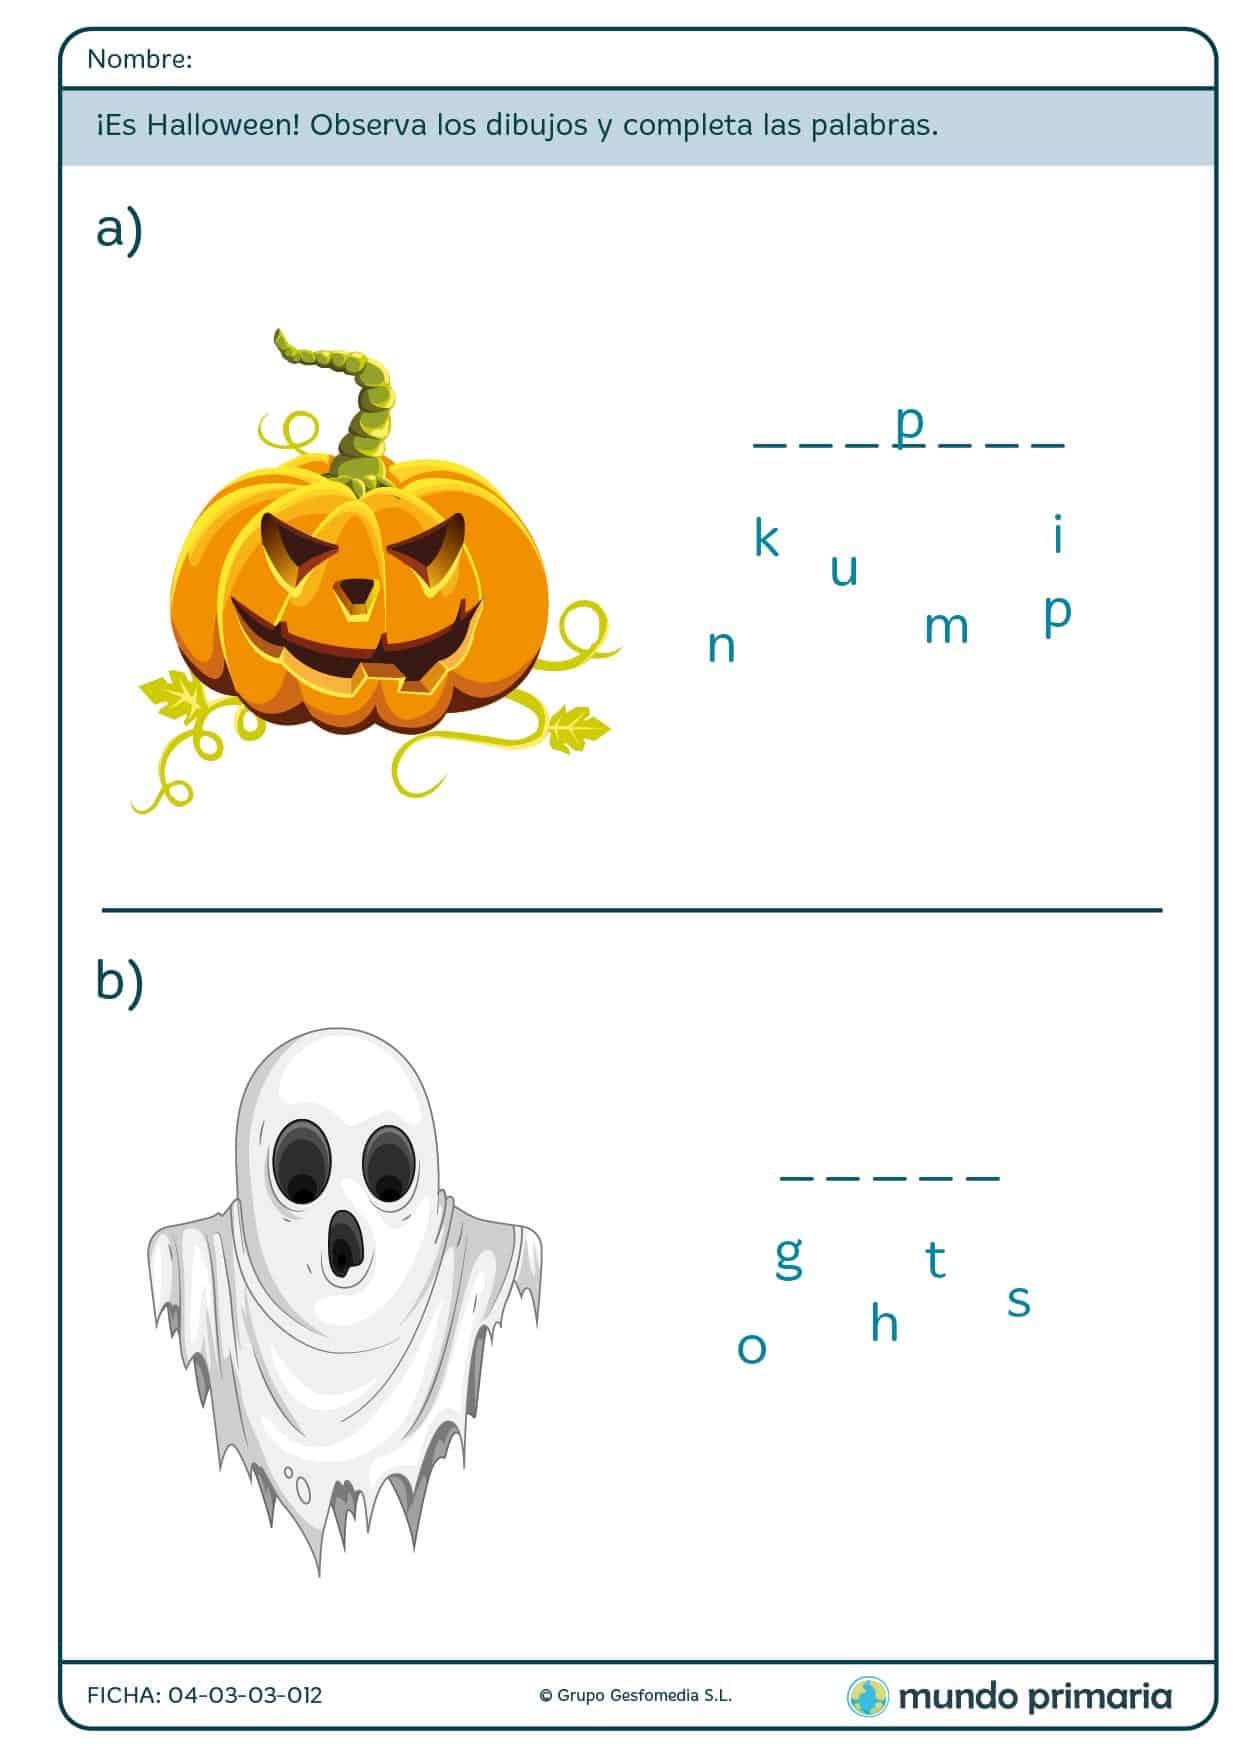 Ficha de deletrear palabras sobre Halloween para primaria